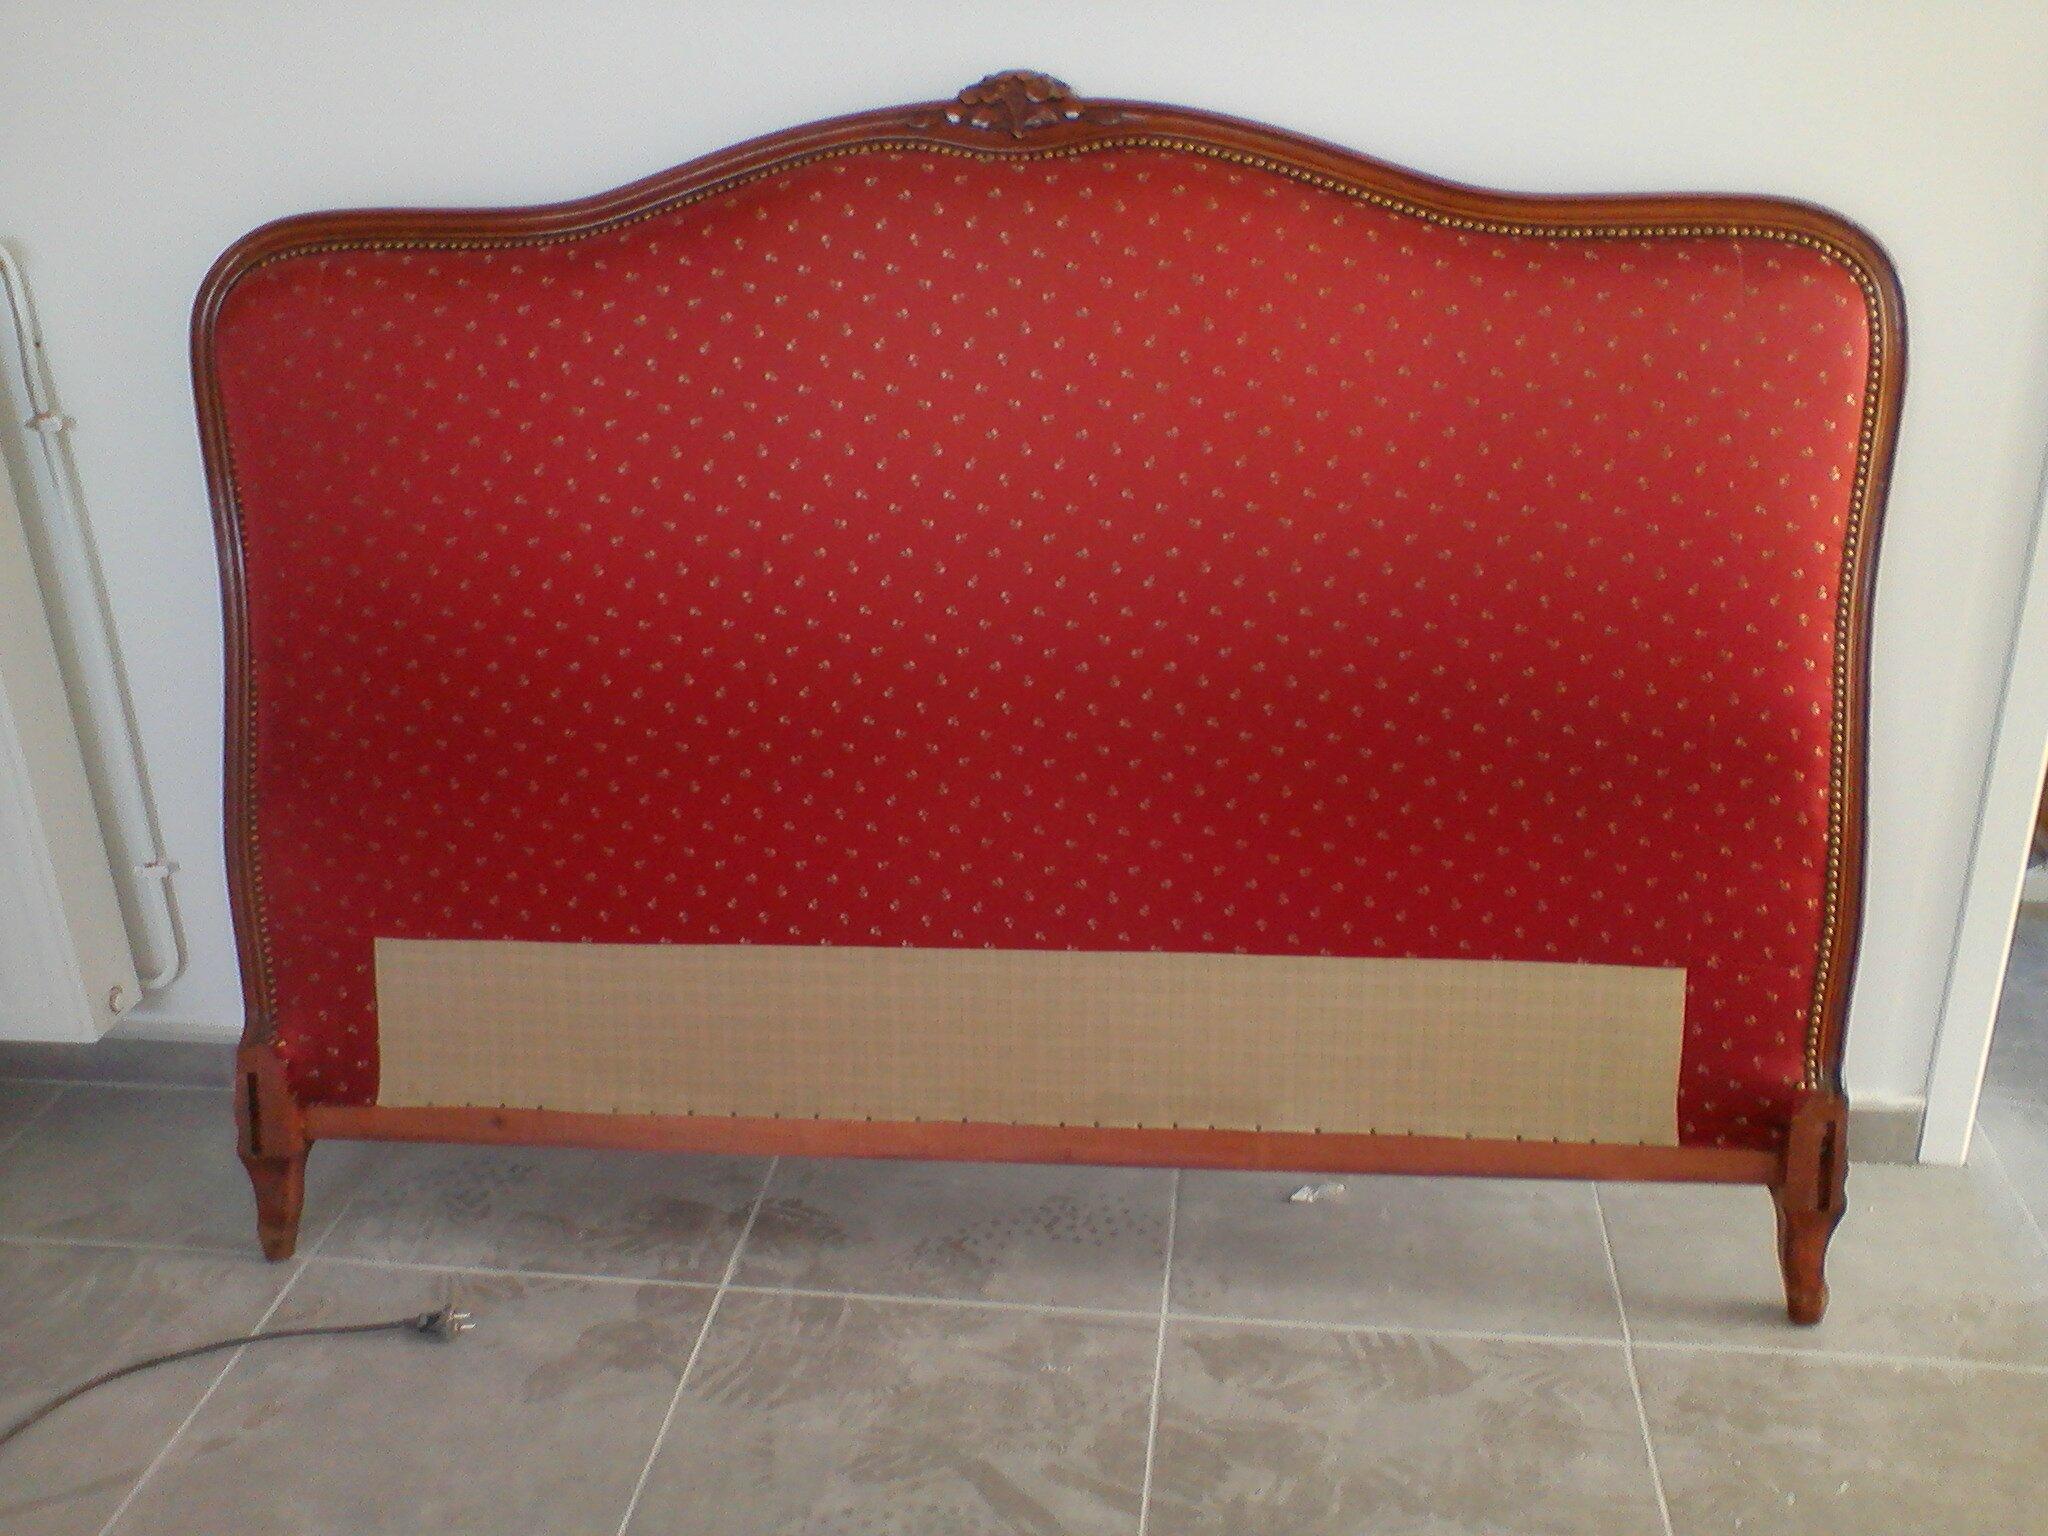 Comment Tapisser Une Chaise Ancienne tuto: tapisser une tête de lit - diy relooking mobilier